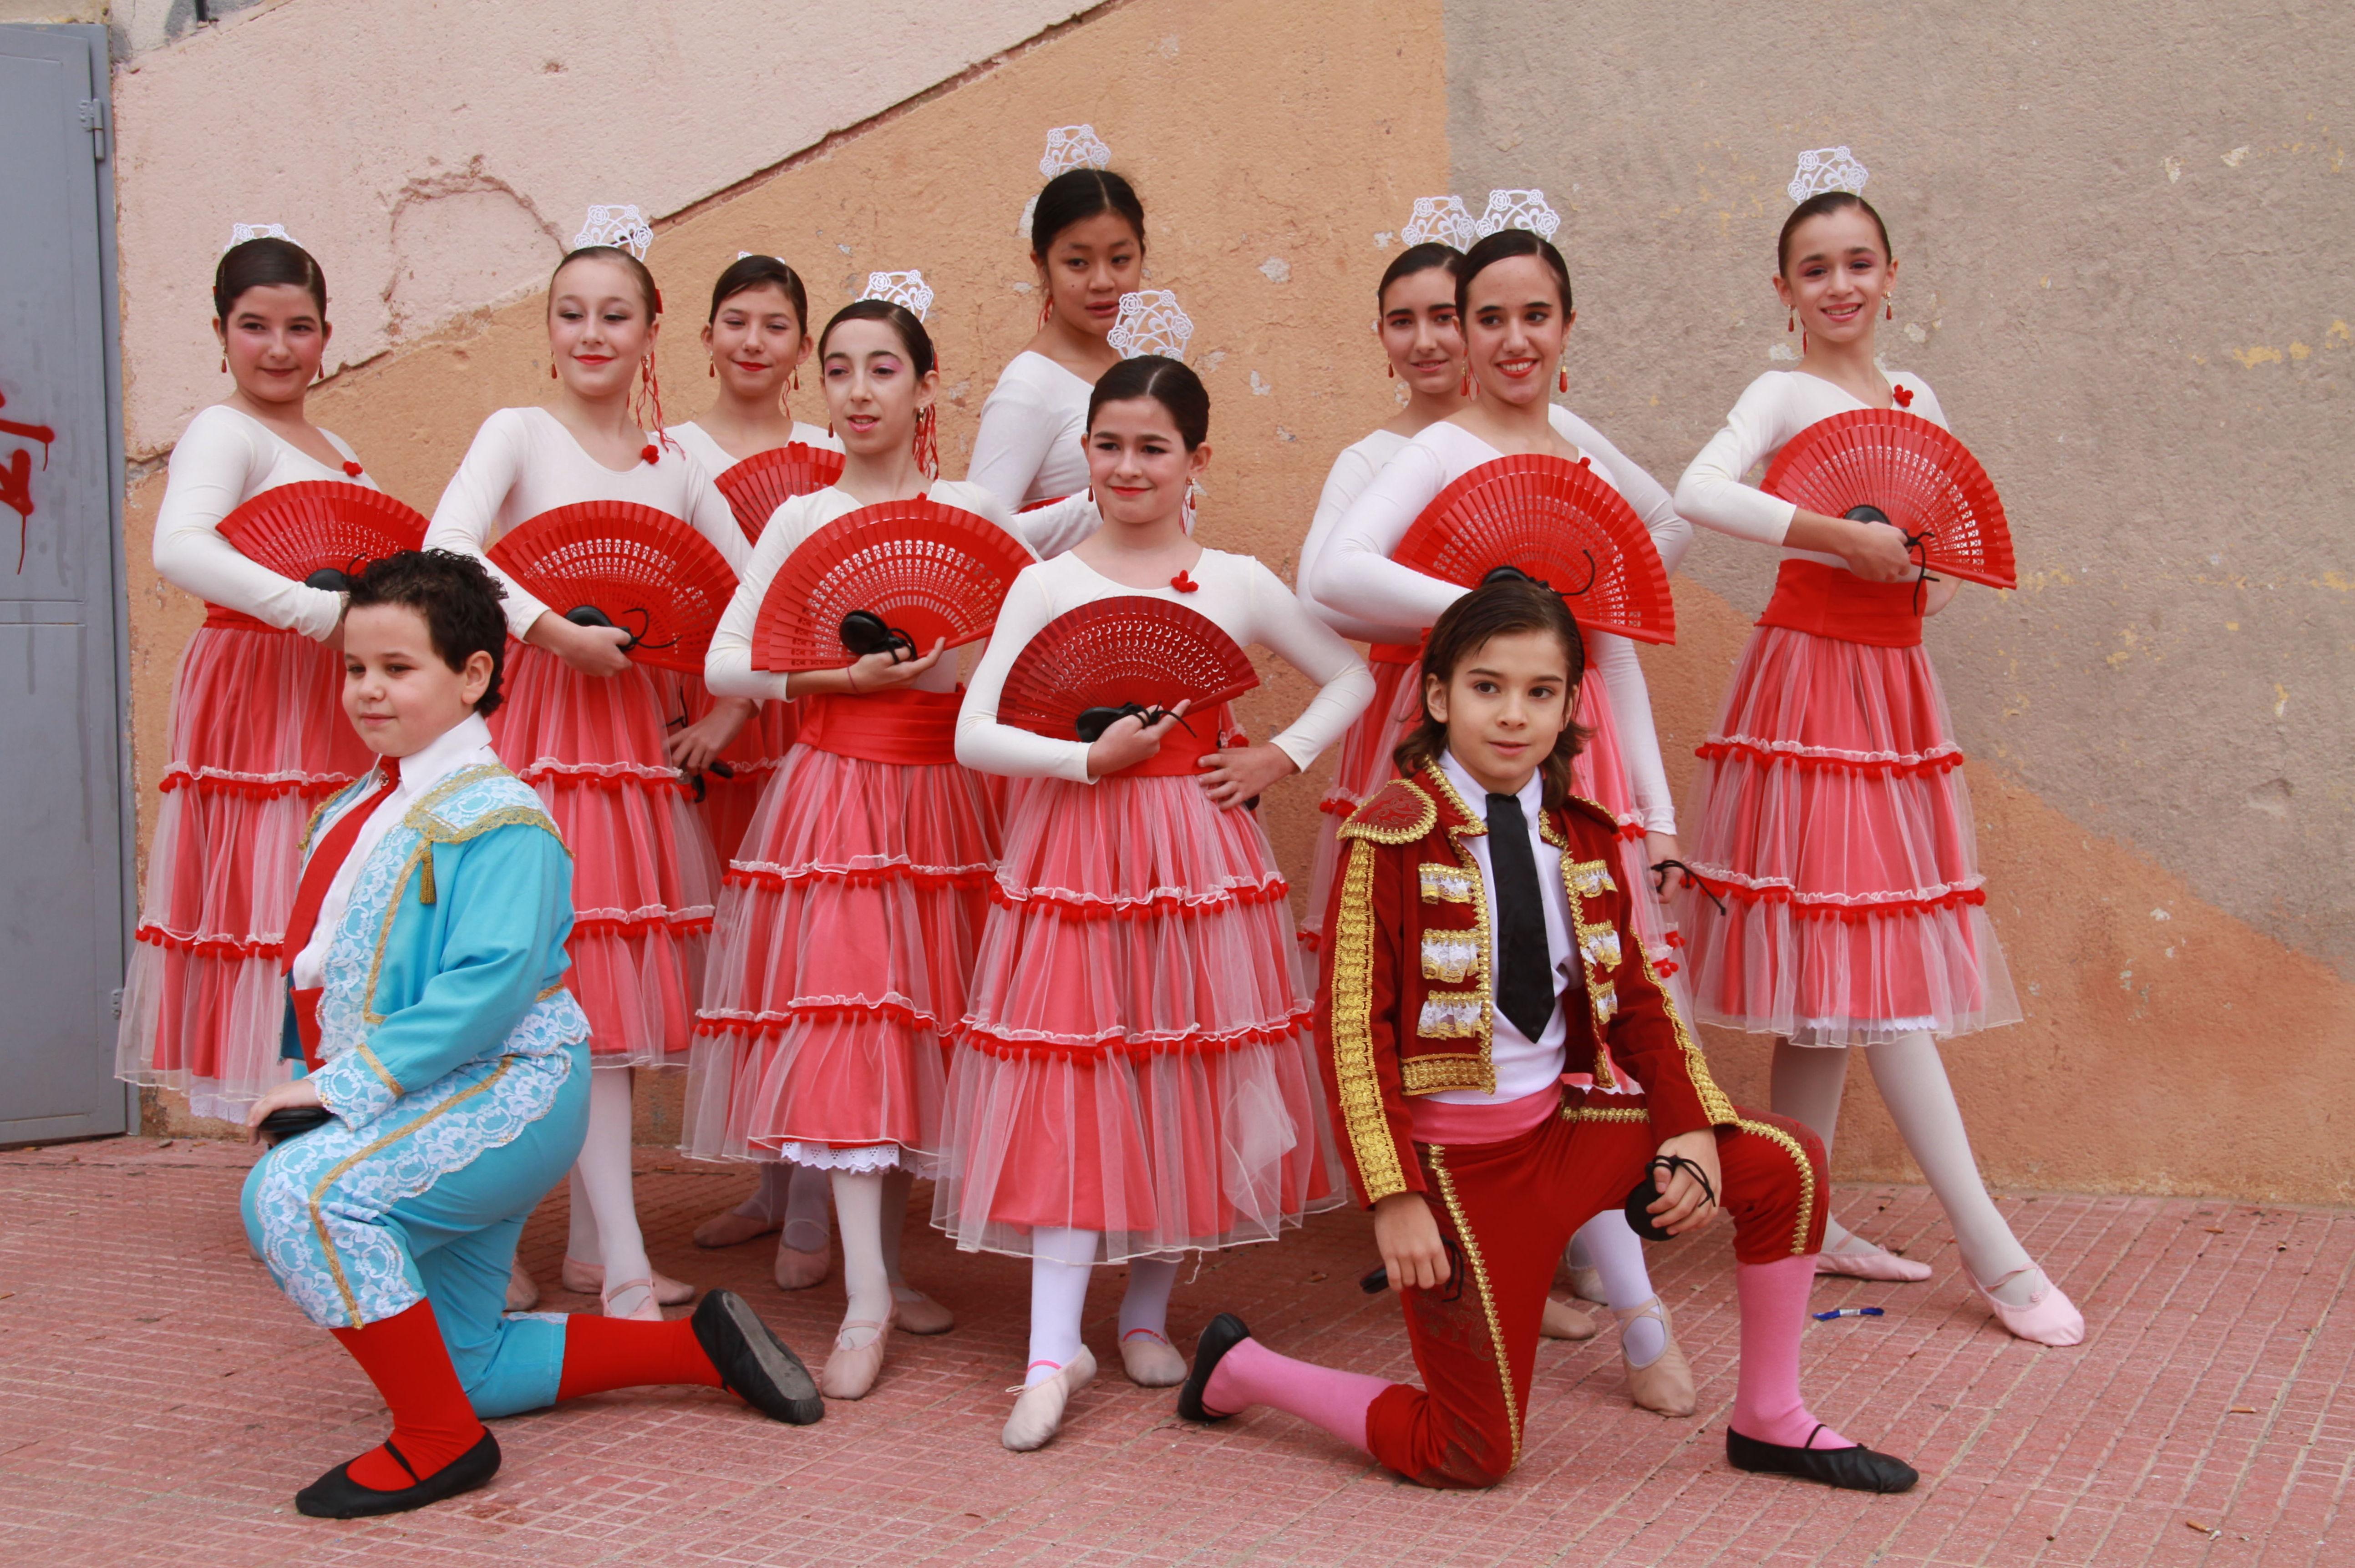 Foto 59 de Escuelas de música, danza e interpretación en Alcalá de Henares | Escuela de Danza Pepe Vento